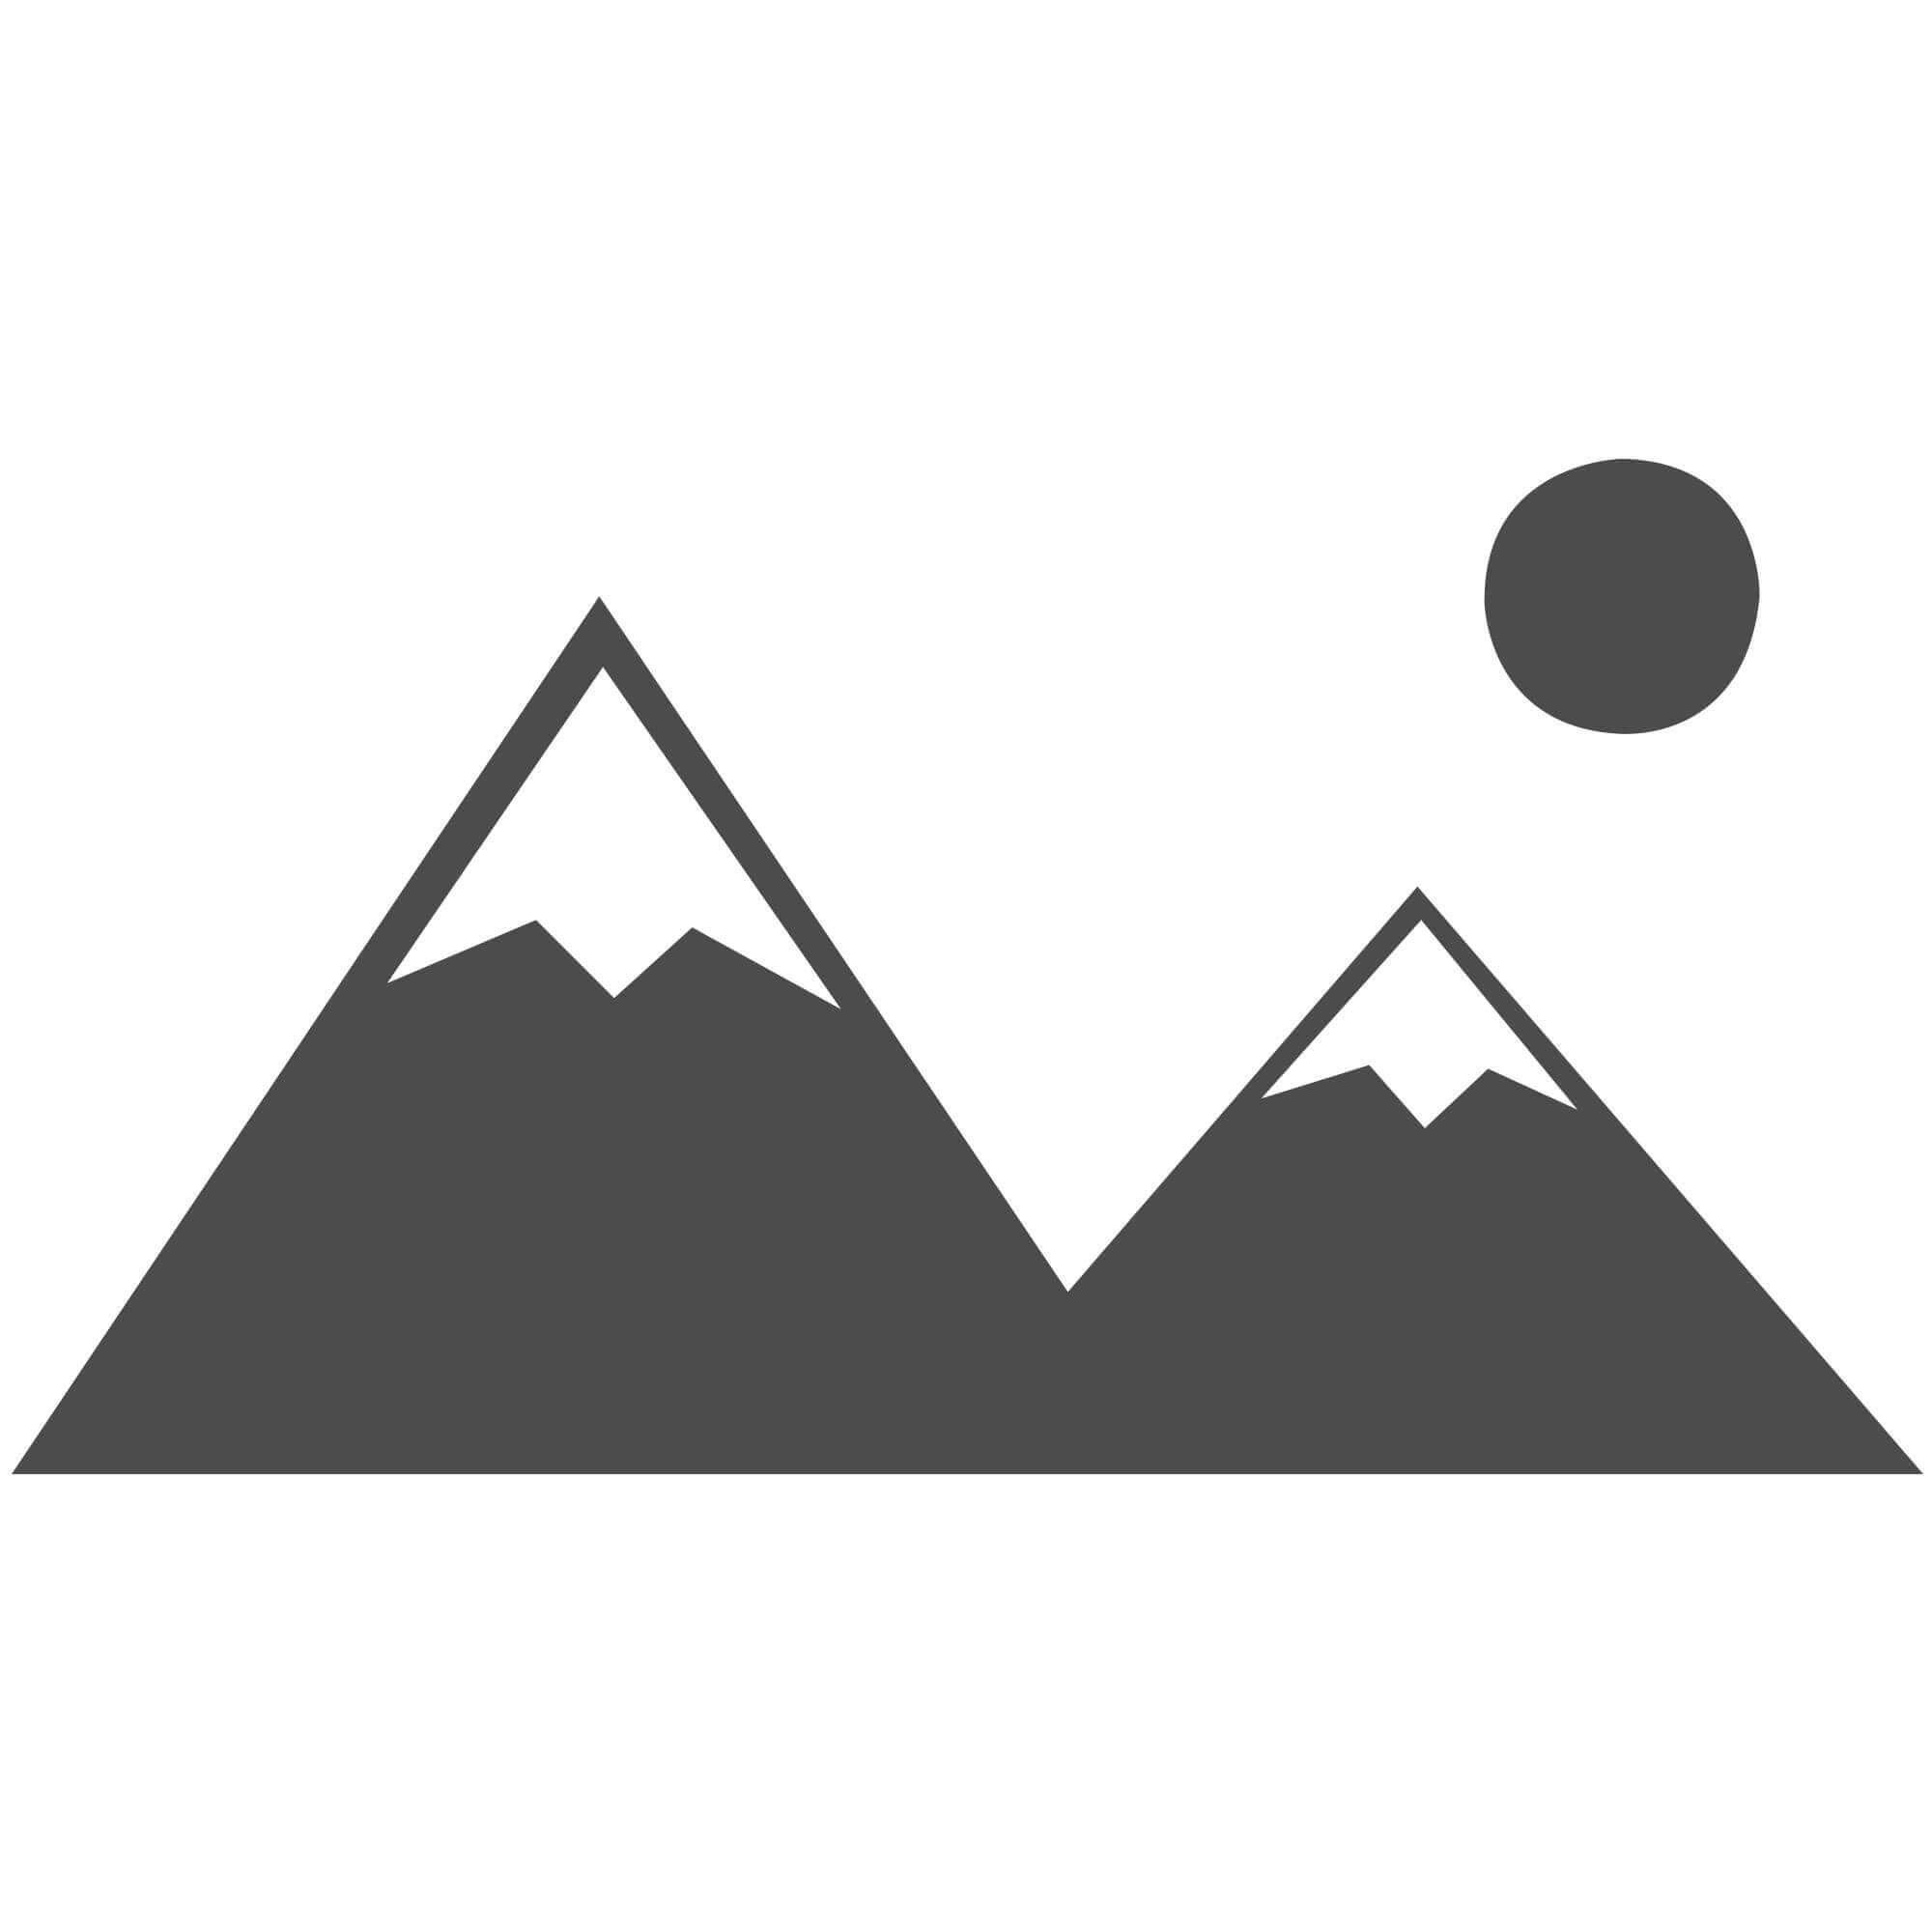 """Velvet Shaggy Rug - Red - Size 120 x 170 cm (4' x 5'7"""")"""